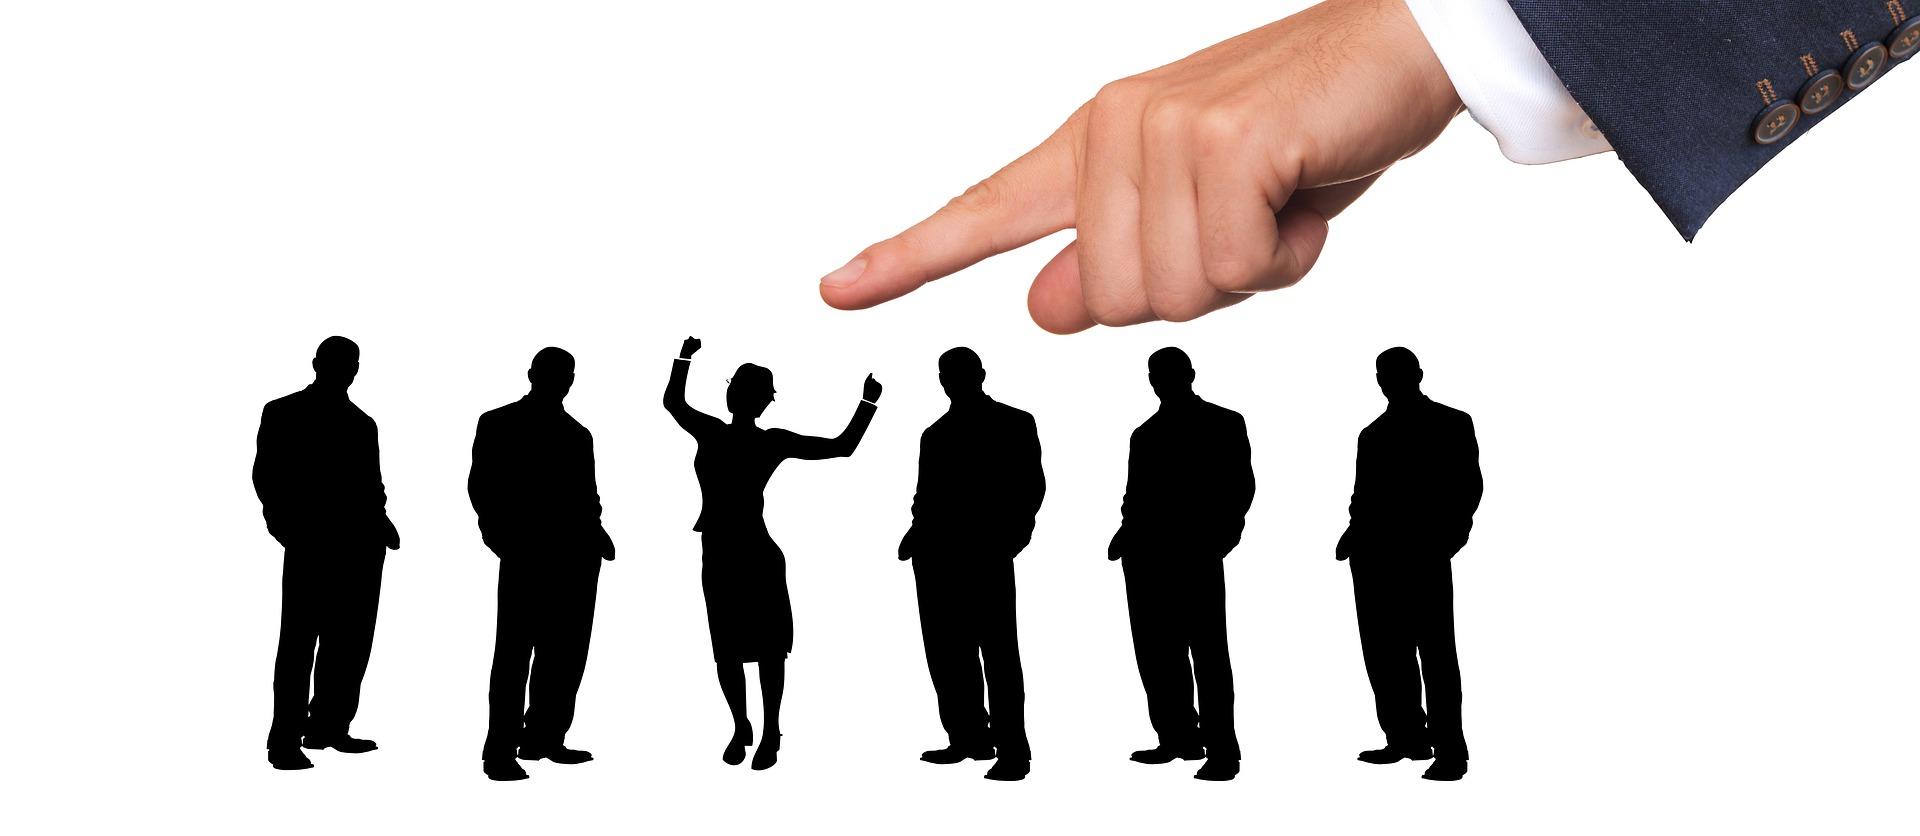 להעסיק עובד או לשכור פרילאנס? כך תקבלו החלטה נבונה